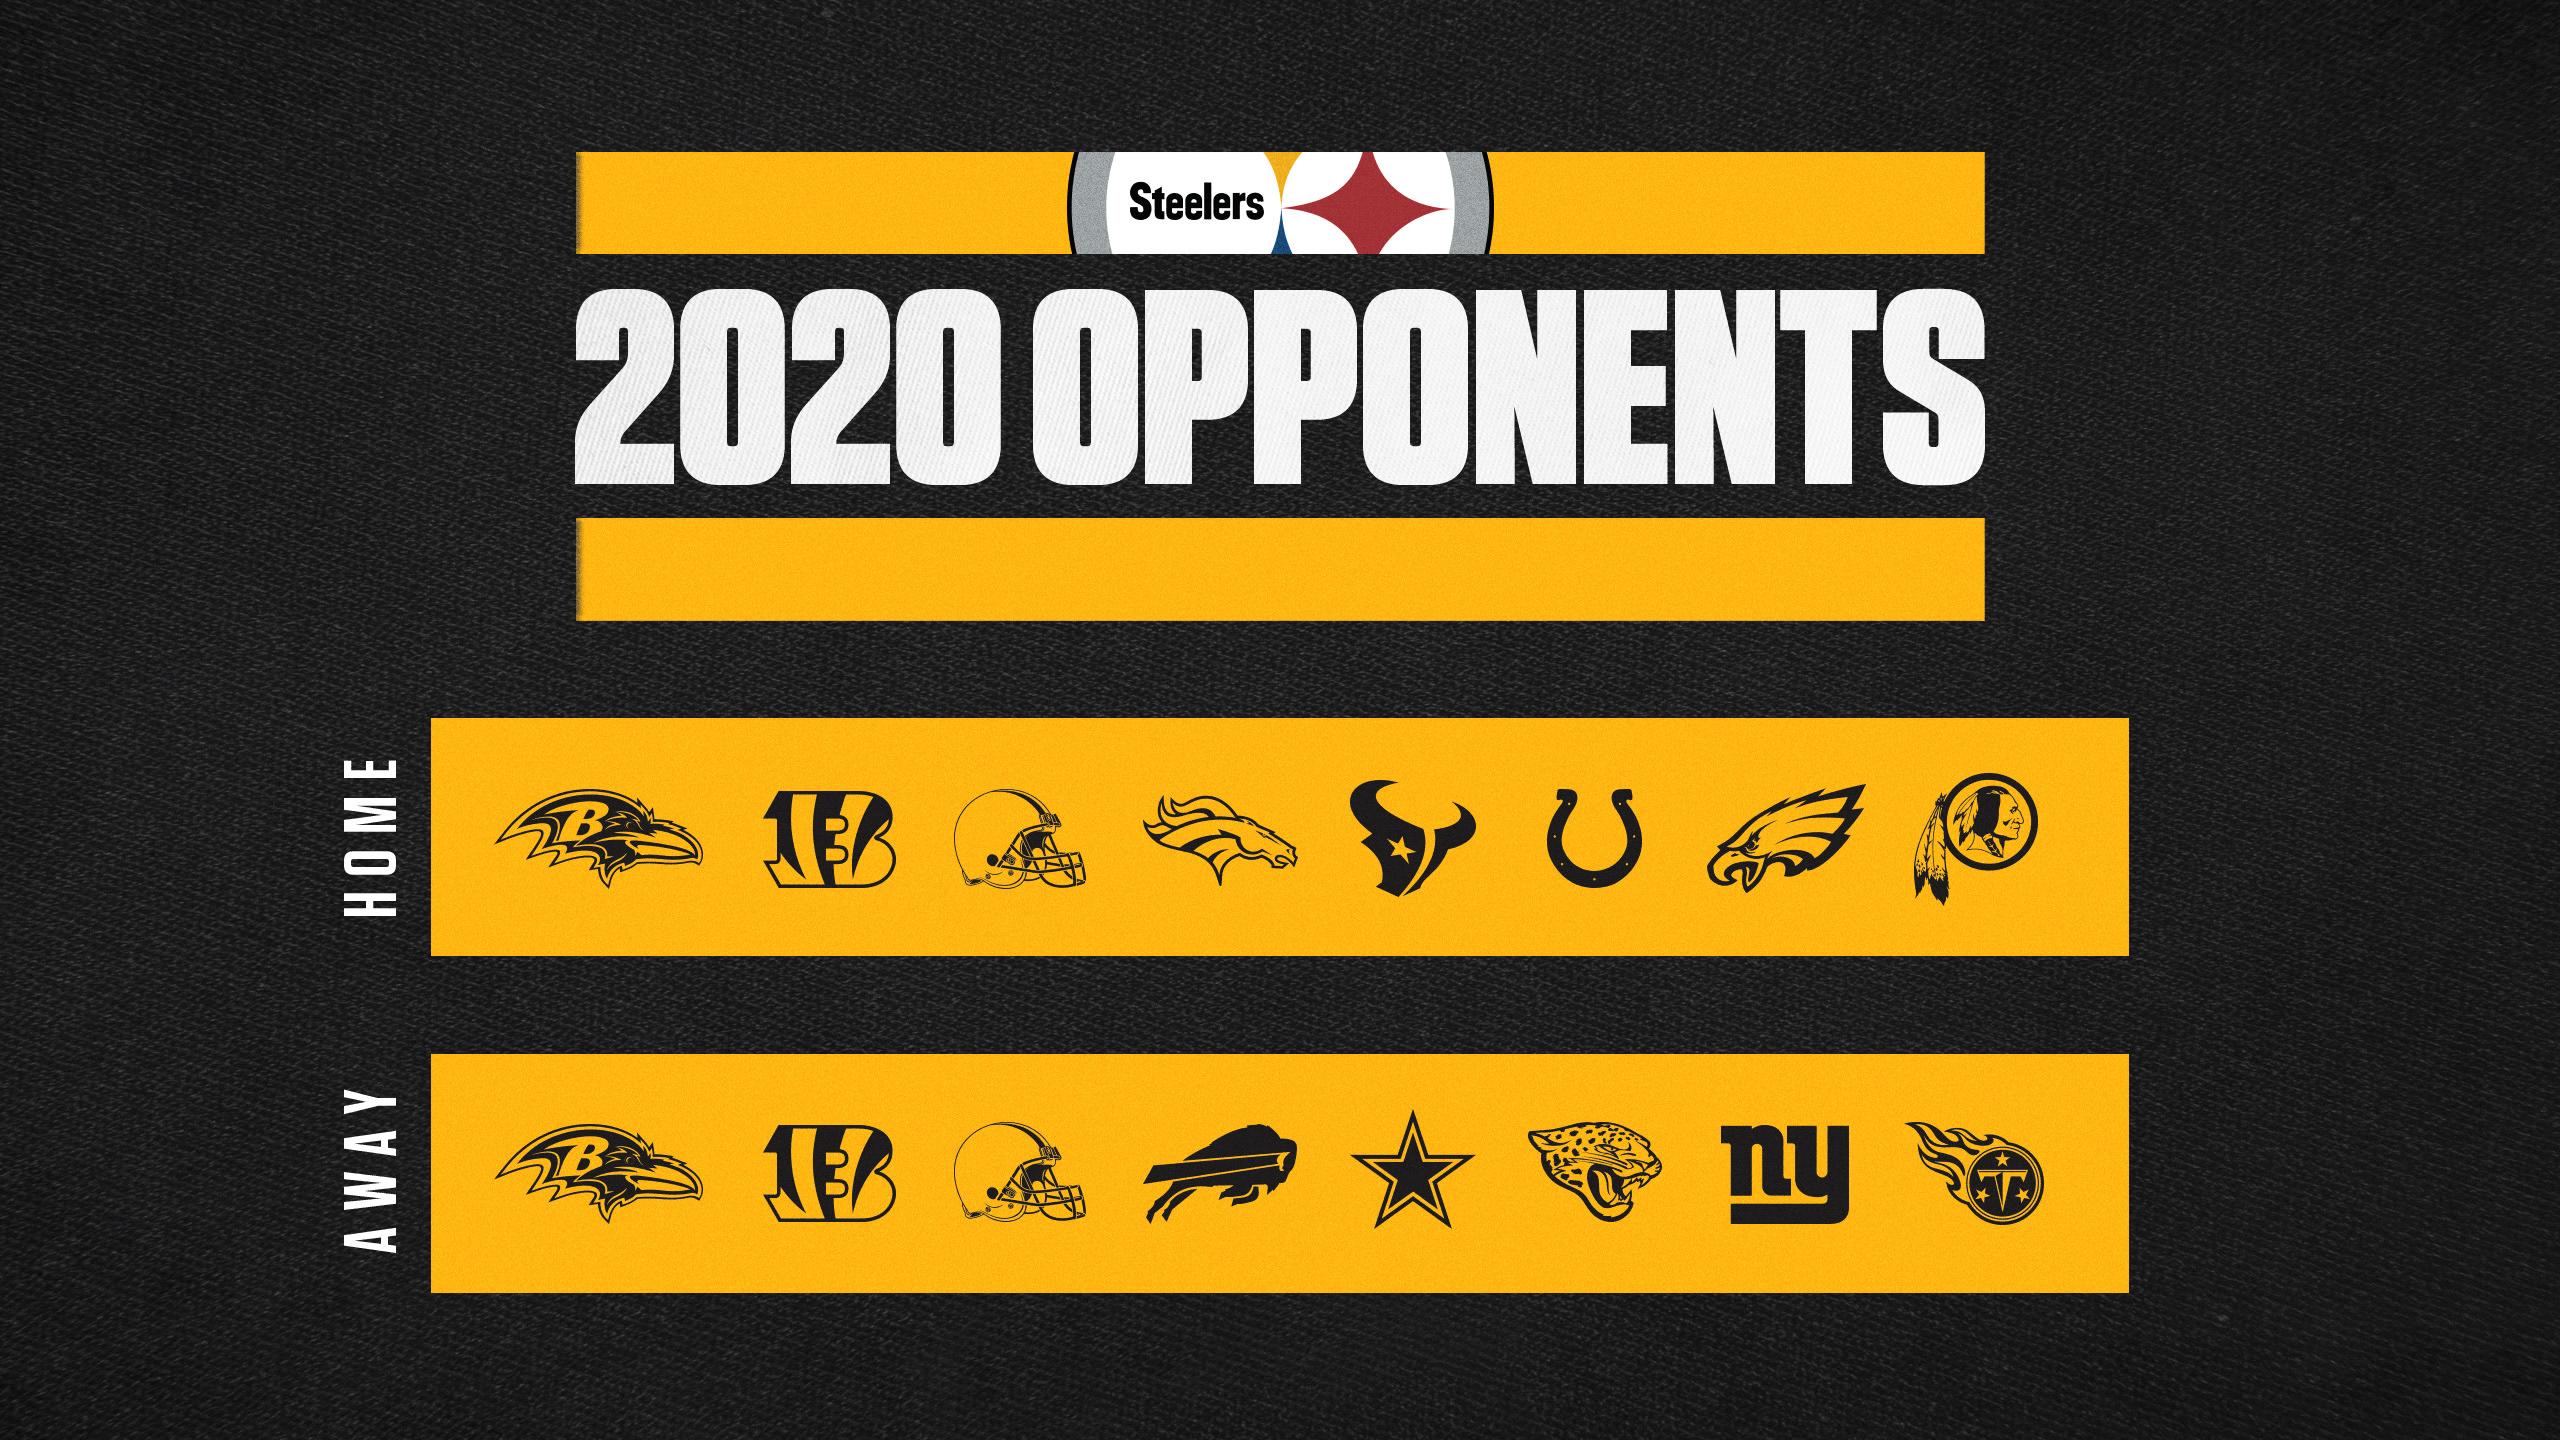 nfl regular season schedule 2020